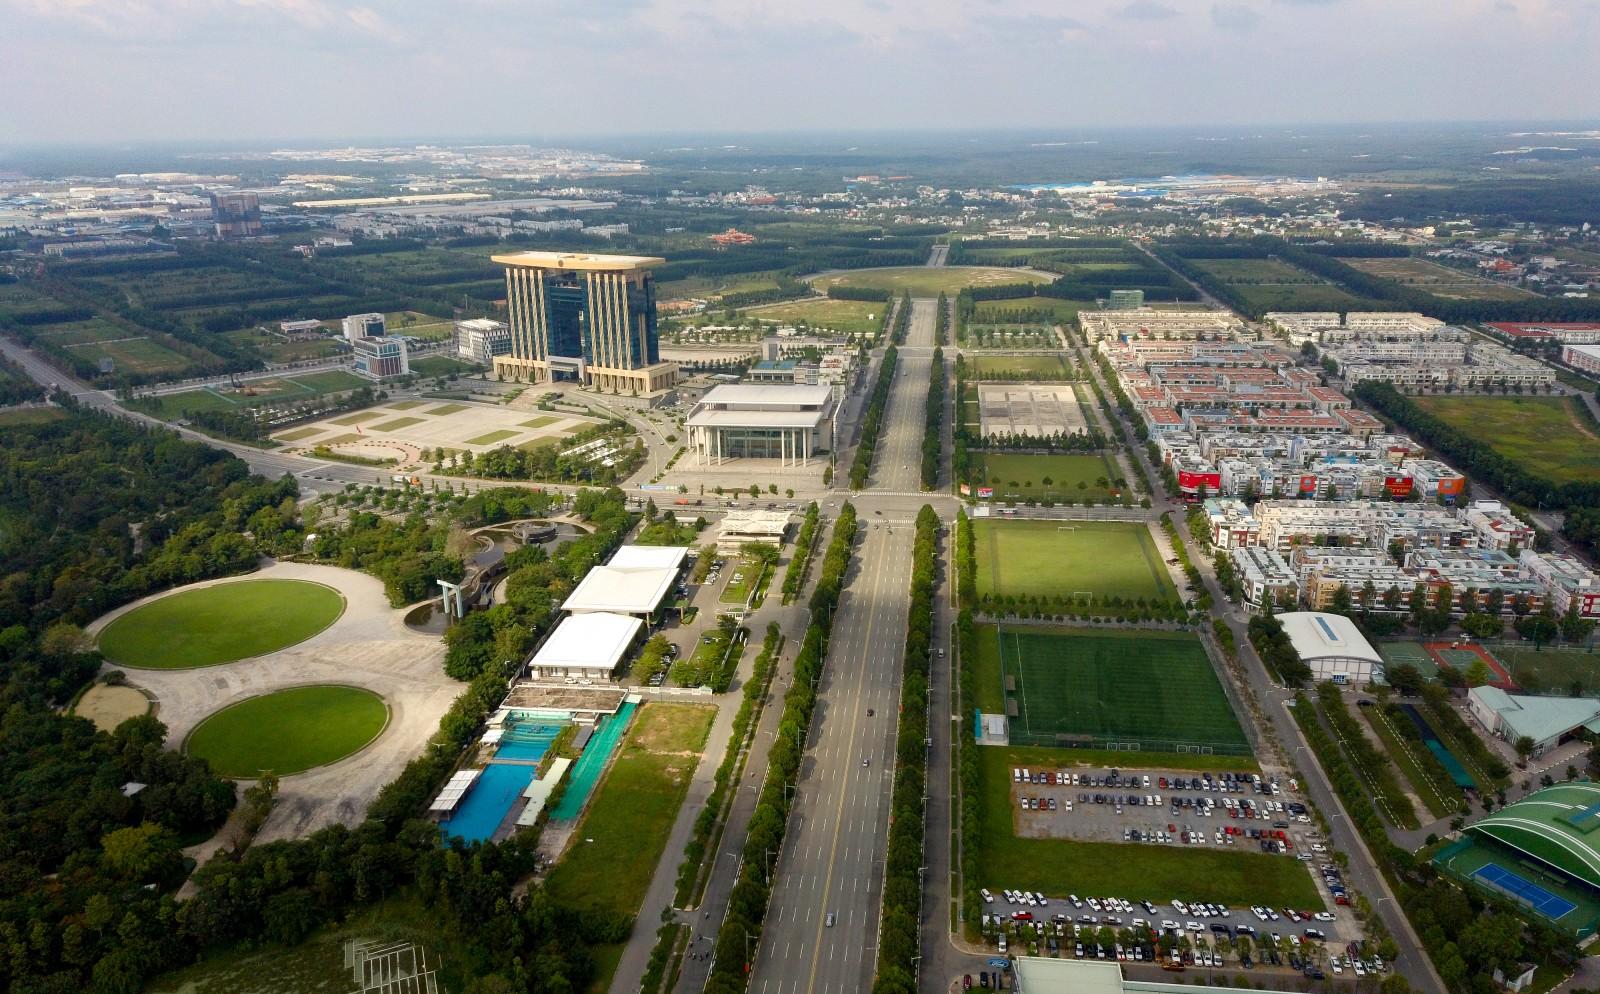 Quy hoạch đô thị là gì? Những quy định chung về quy hoạch đô thị  2091888921